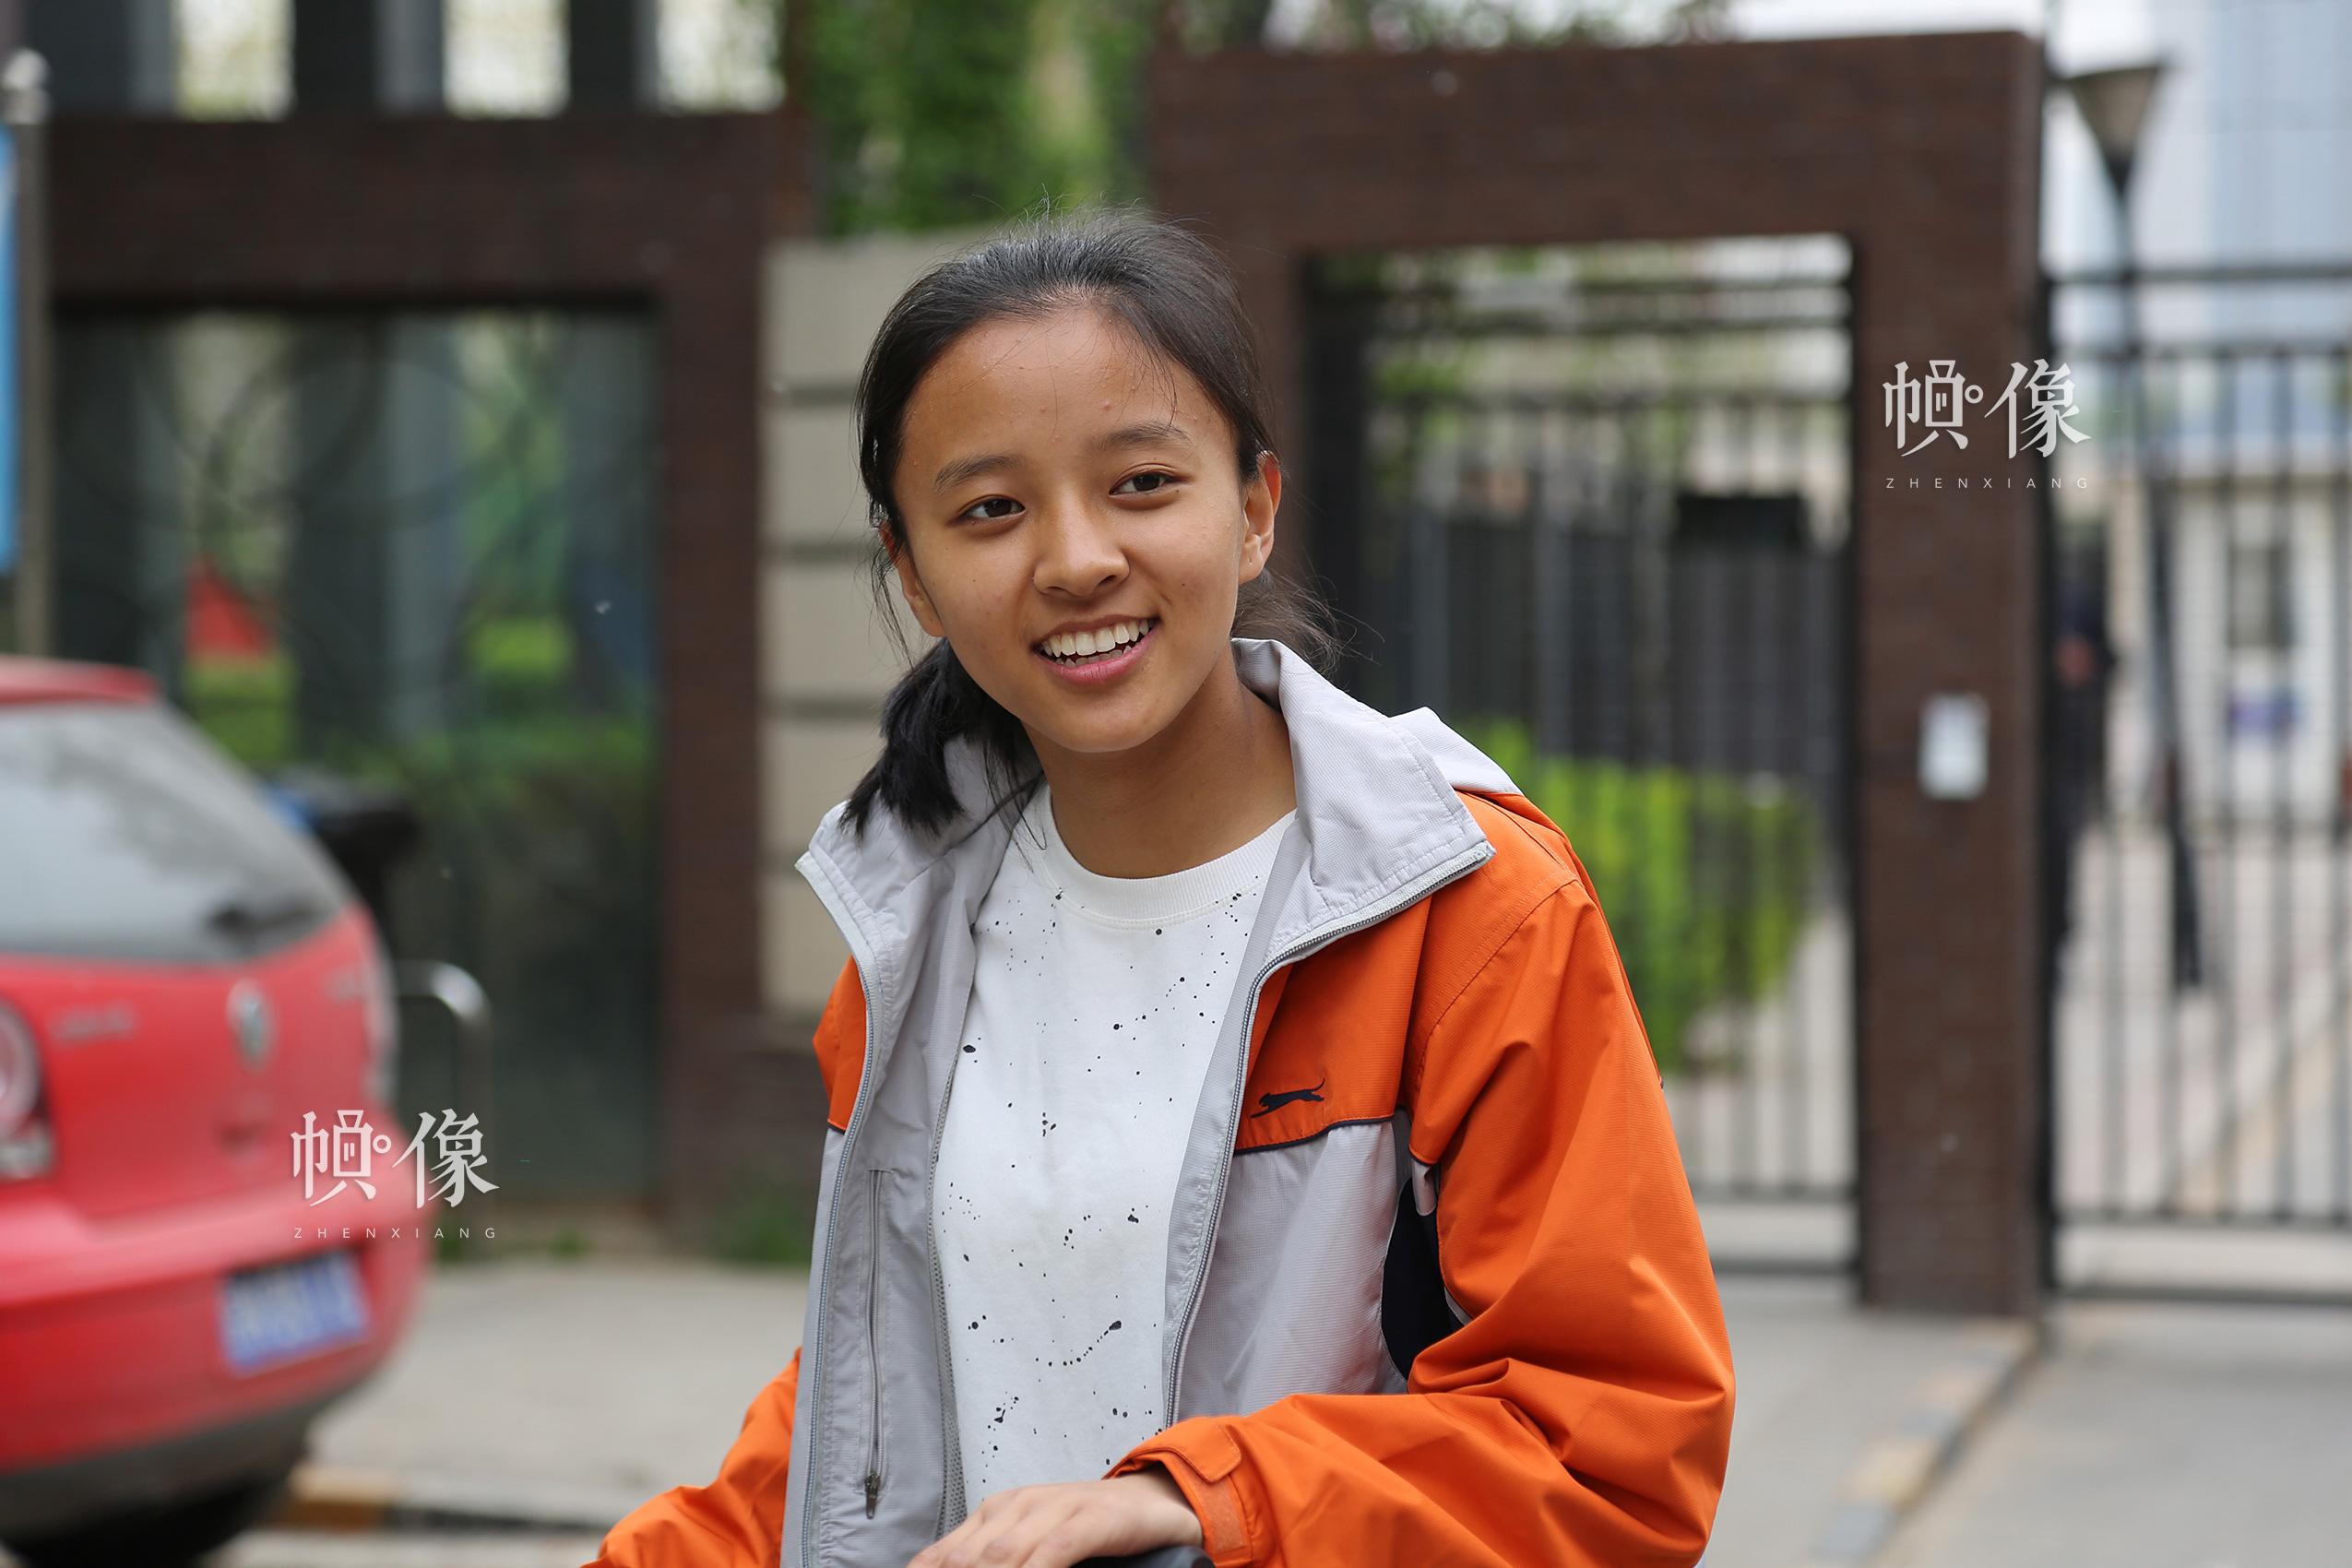 """2017年4月8日,北京,14岁的玉树孩子德乾尕毛,2010年玉树地震,她有7位亲人在地震中遇难,当时她只有7岁。在中华儿慈会的帮助下,2011年她得到北京一个家庭的资助,德乾尕毛现在学习非常好,成绩名列前茅,并荣获北京市""""三好学生""""荣誉称号。中国网记者 黄富友 摄"""